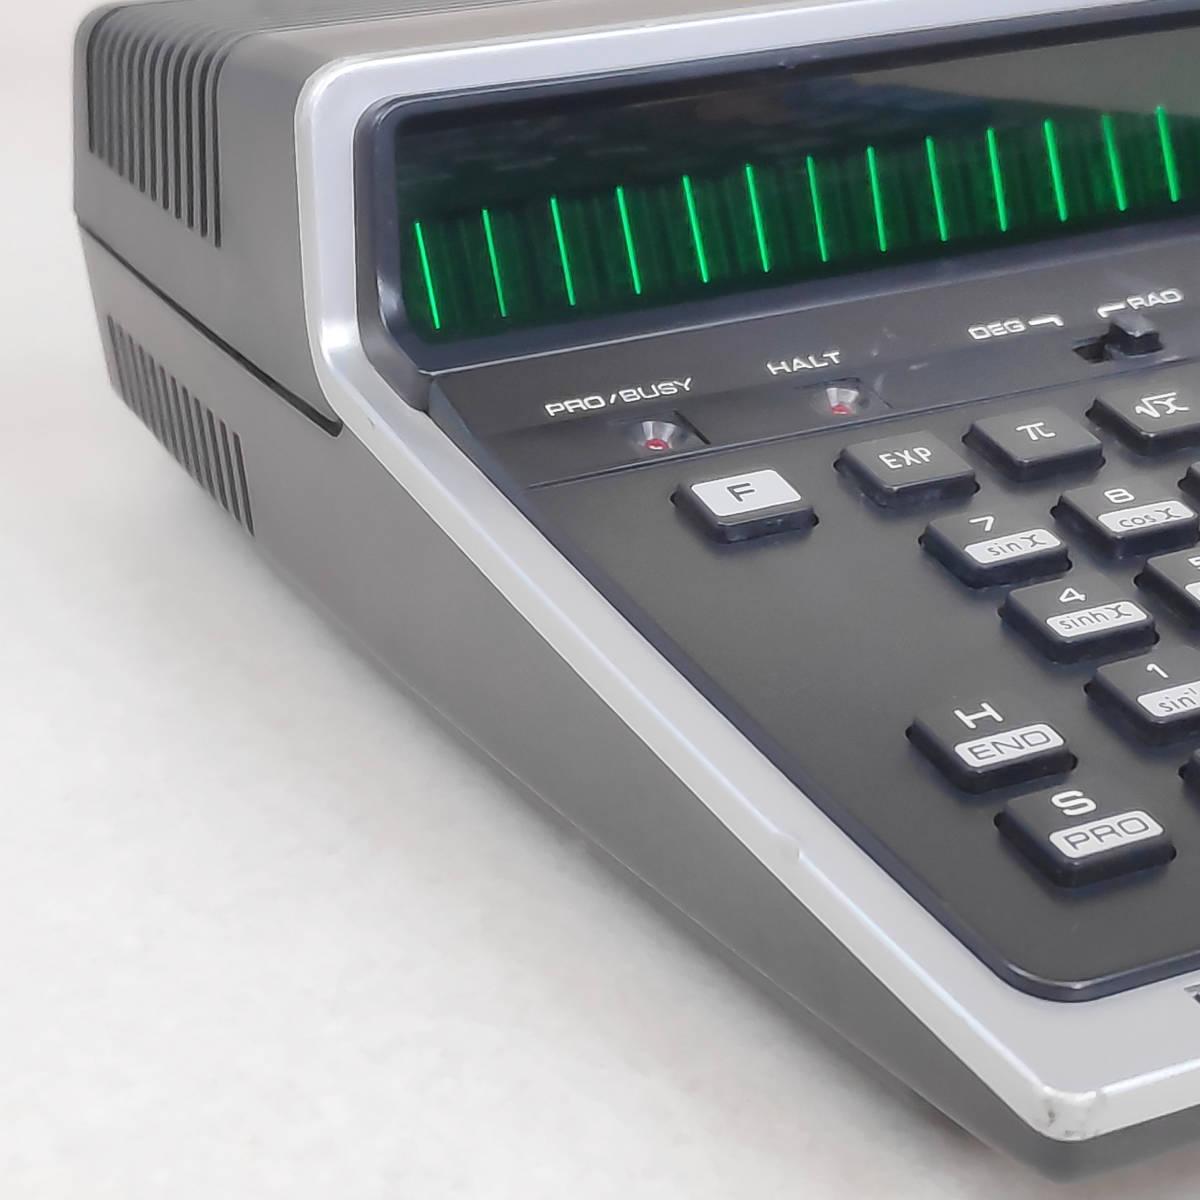 SHARP 電卓 PC-1001 ジャンク 06179_画像4